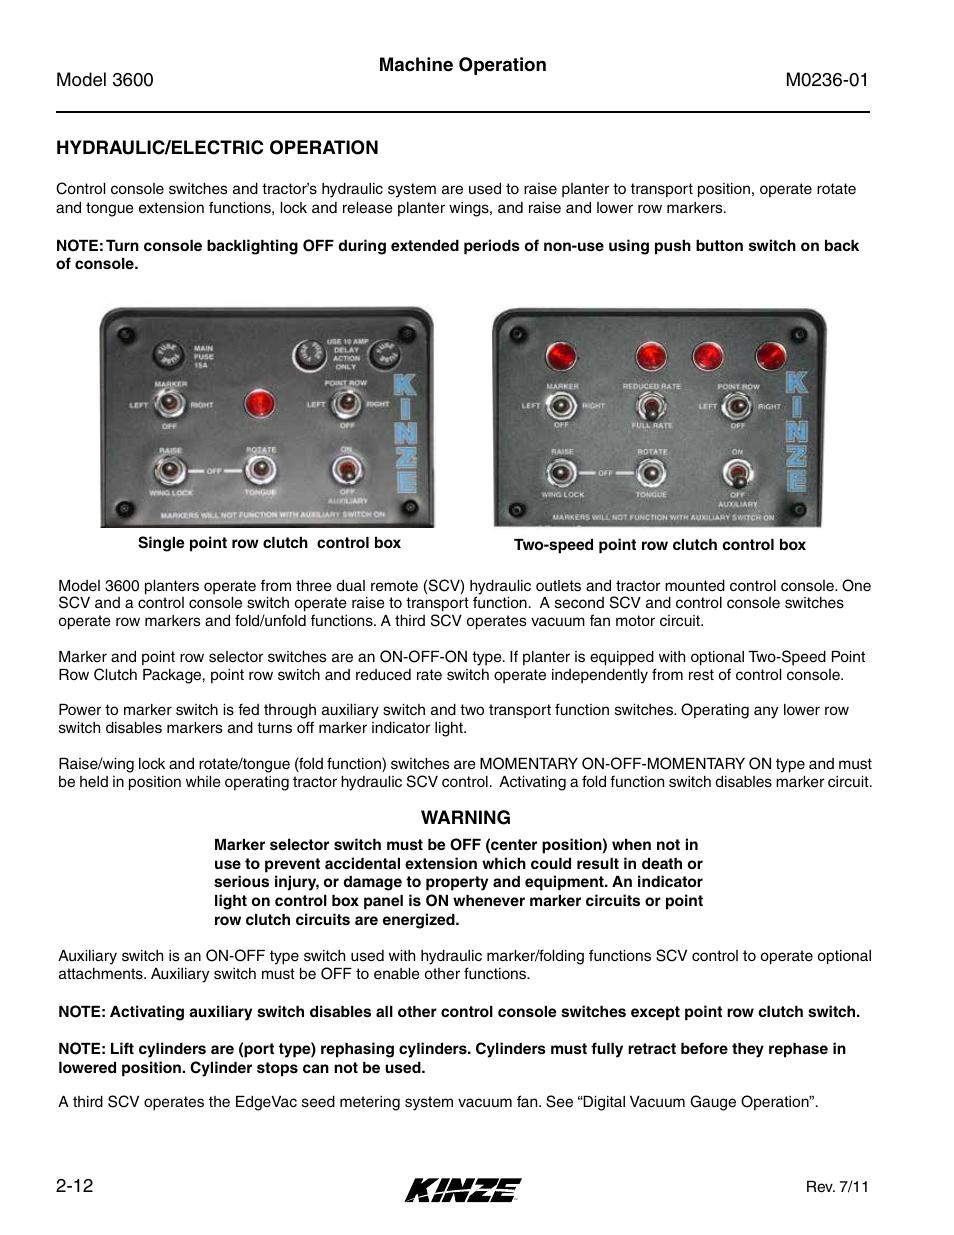 hydraulic electric operation hydraulic electric operation 12 rh manualsdir com control console operating manual vanilla control console operating manual vanilla